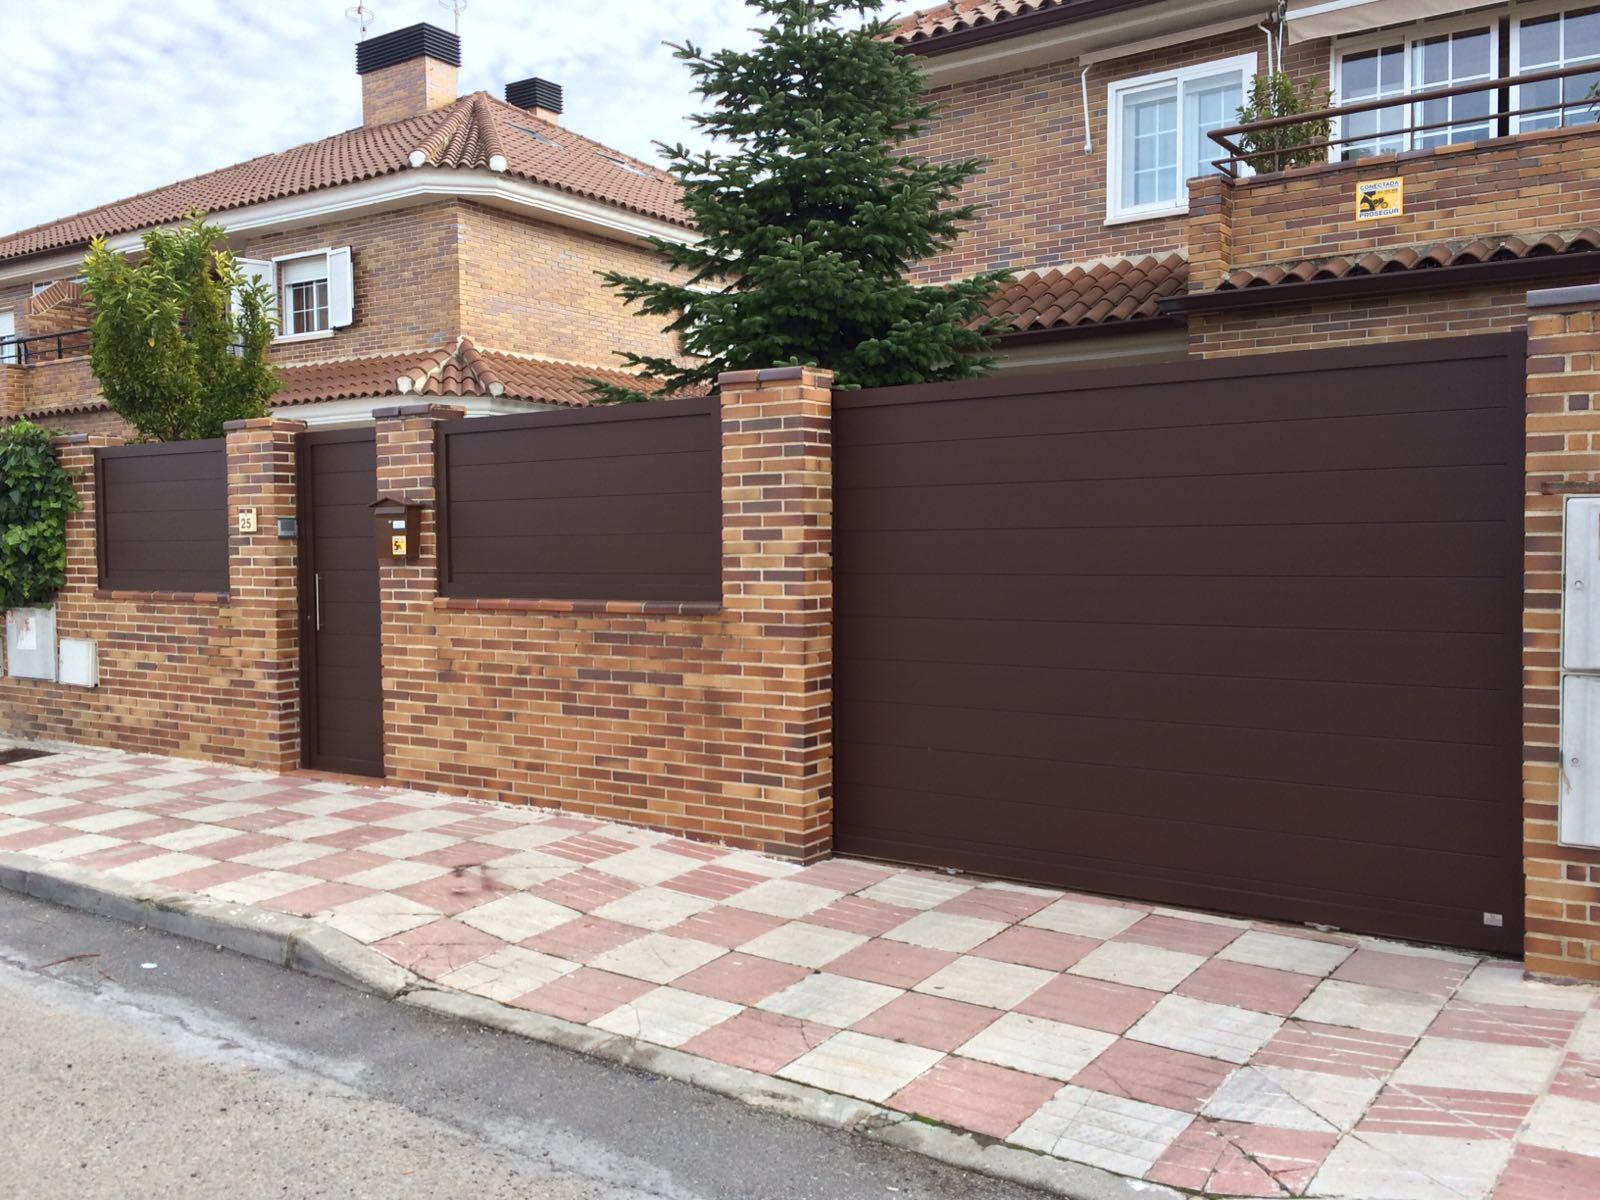 Puertas de aluminio para exterior modelo gri on for Puertas de metal para exterior